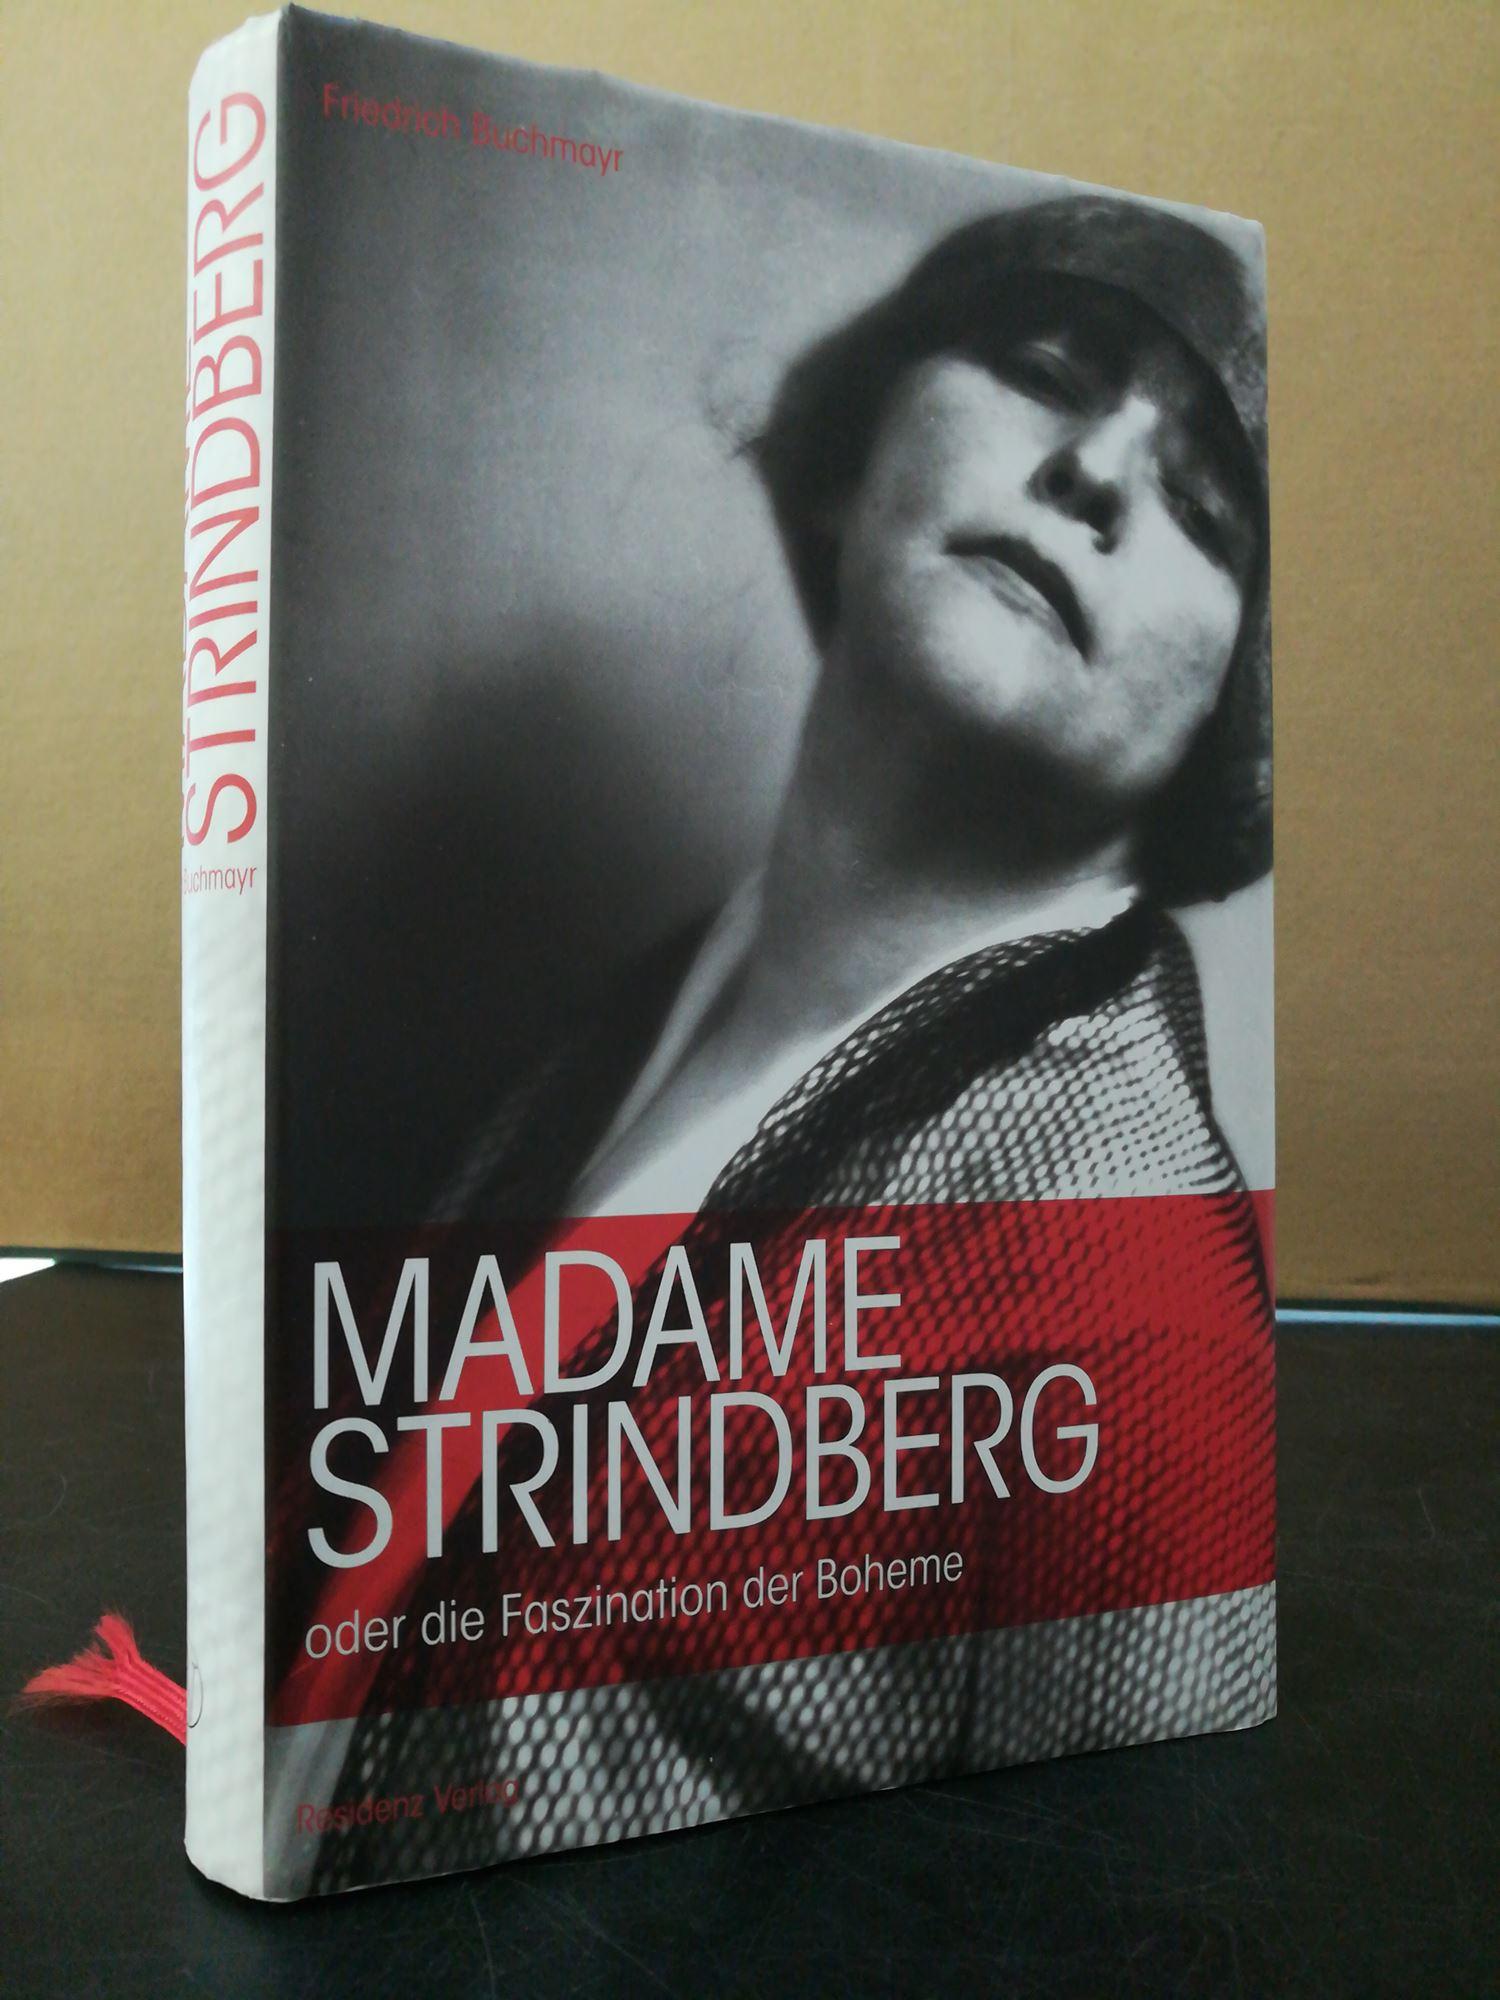 Madame Strindberg oder die Faszination der Boheme: Buchmayr, Friedrich